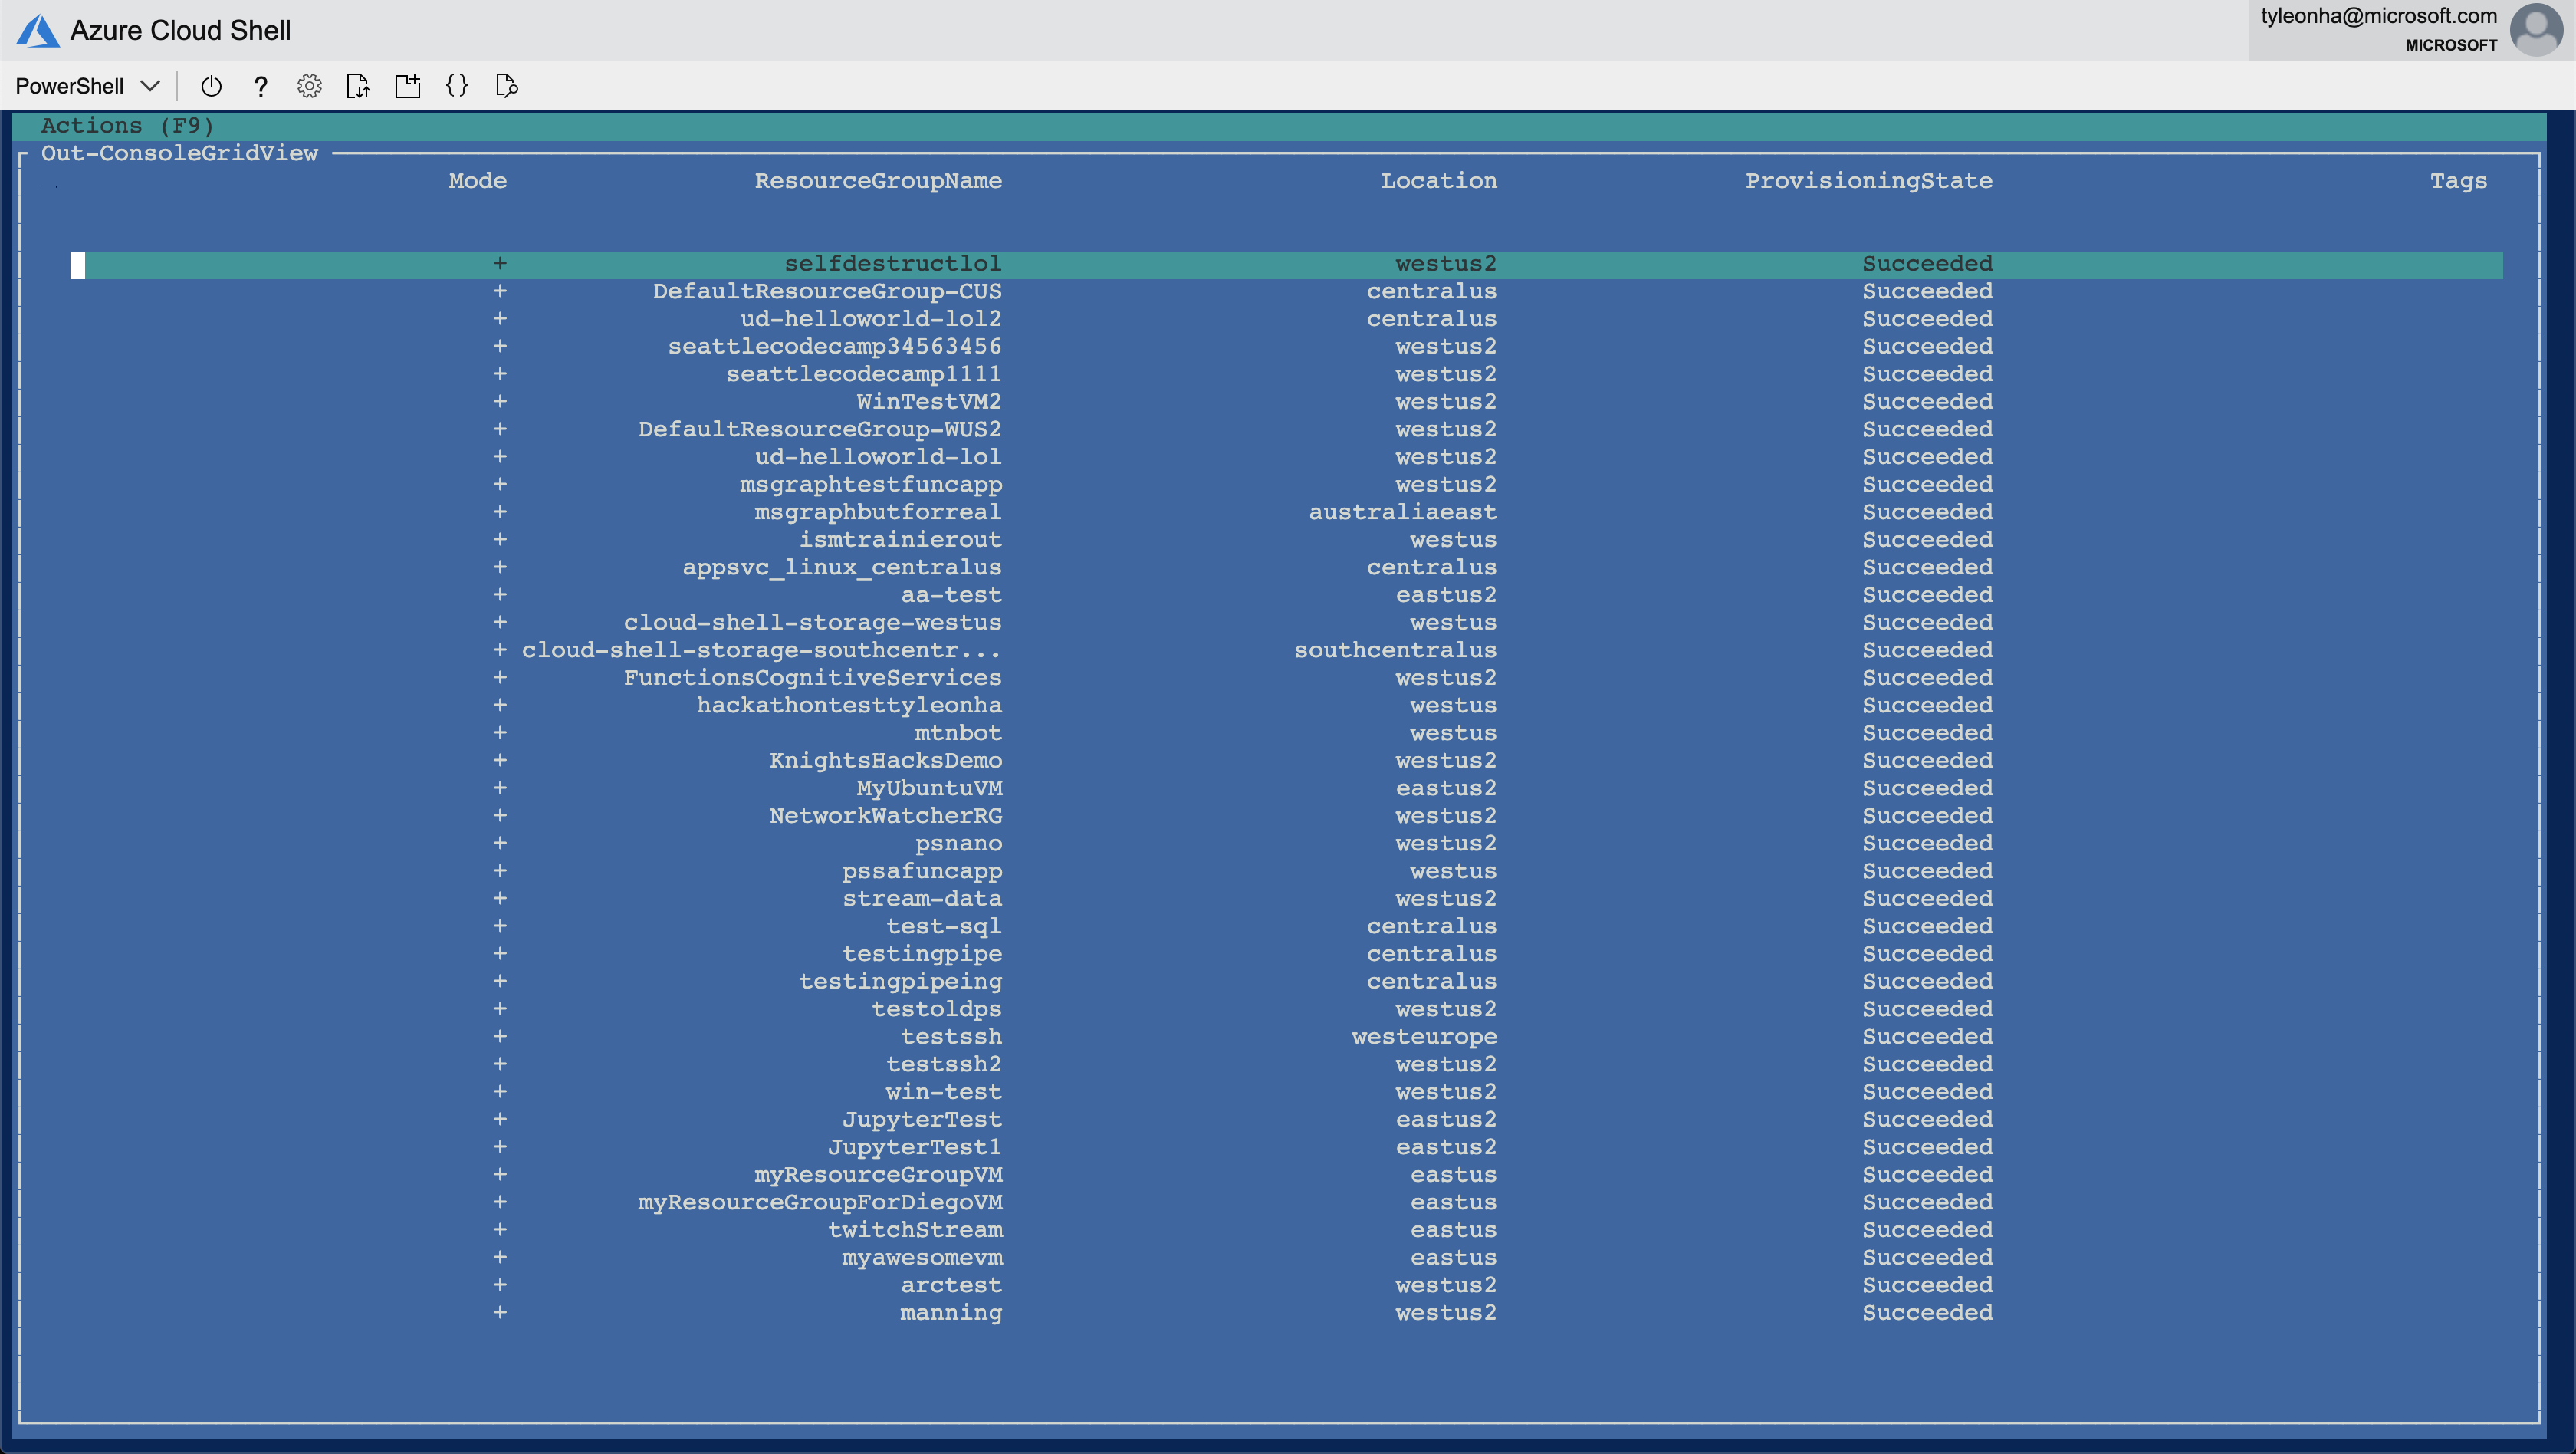 Azure Cloud Shell support